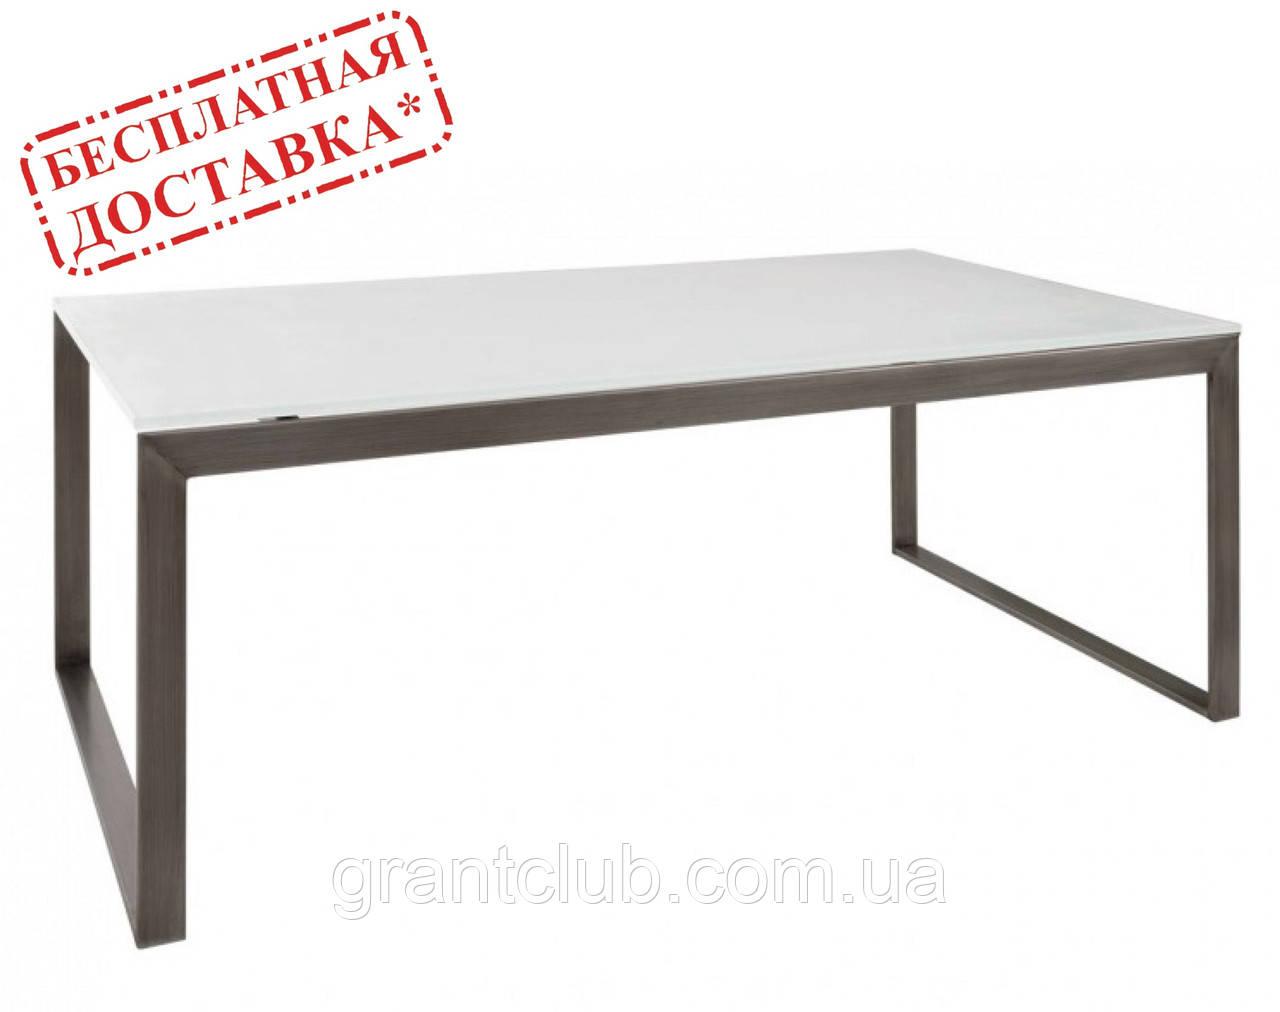 Стол журнальный BRIGHTON R стекло белый (120х65х45 см) Nicolas (бесплатная доставка)